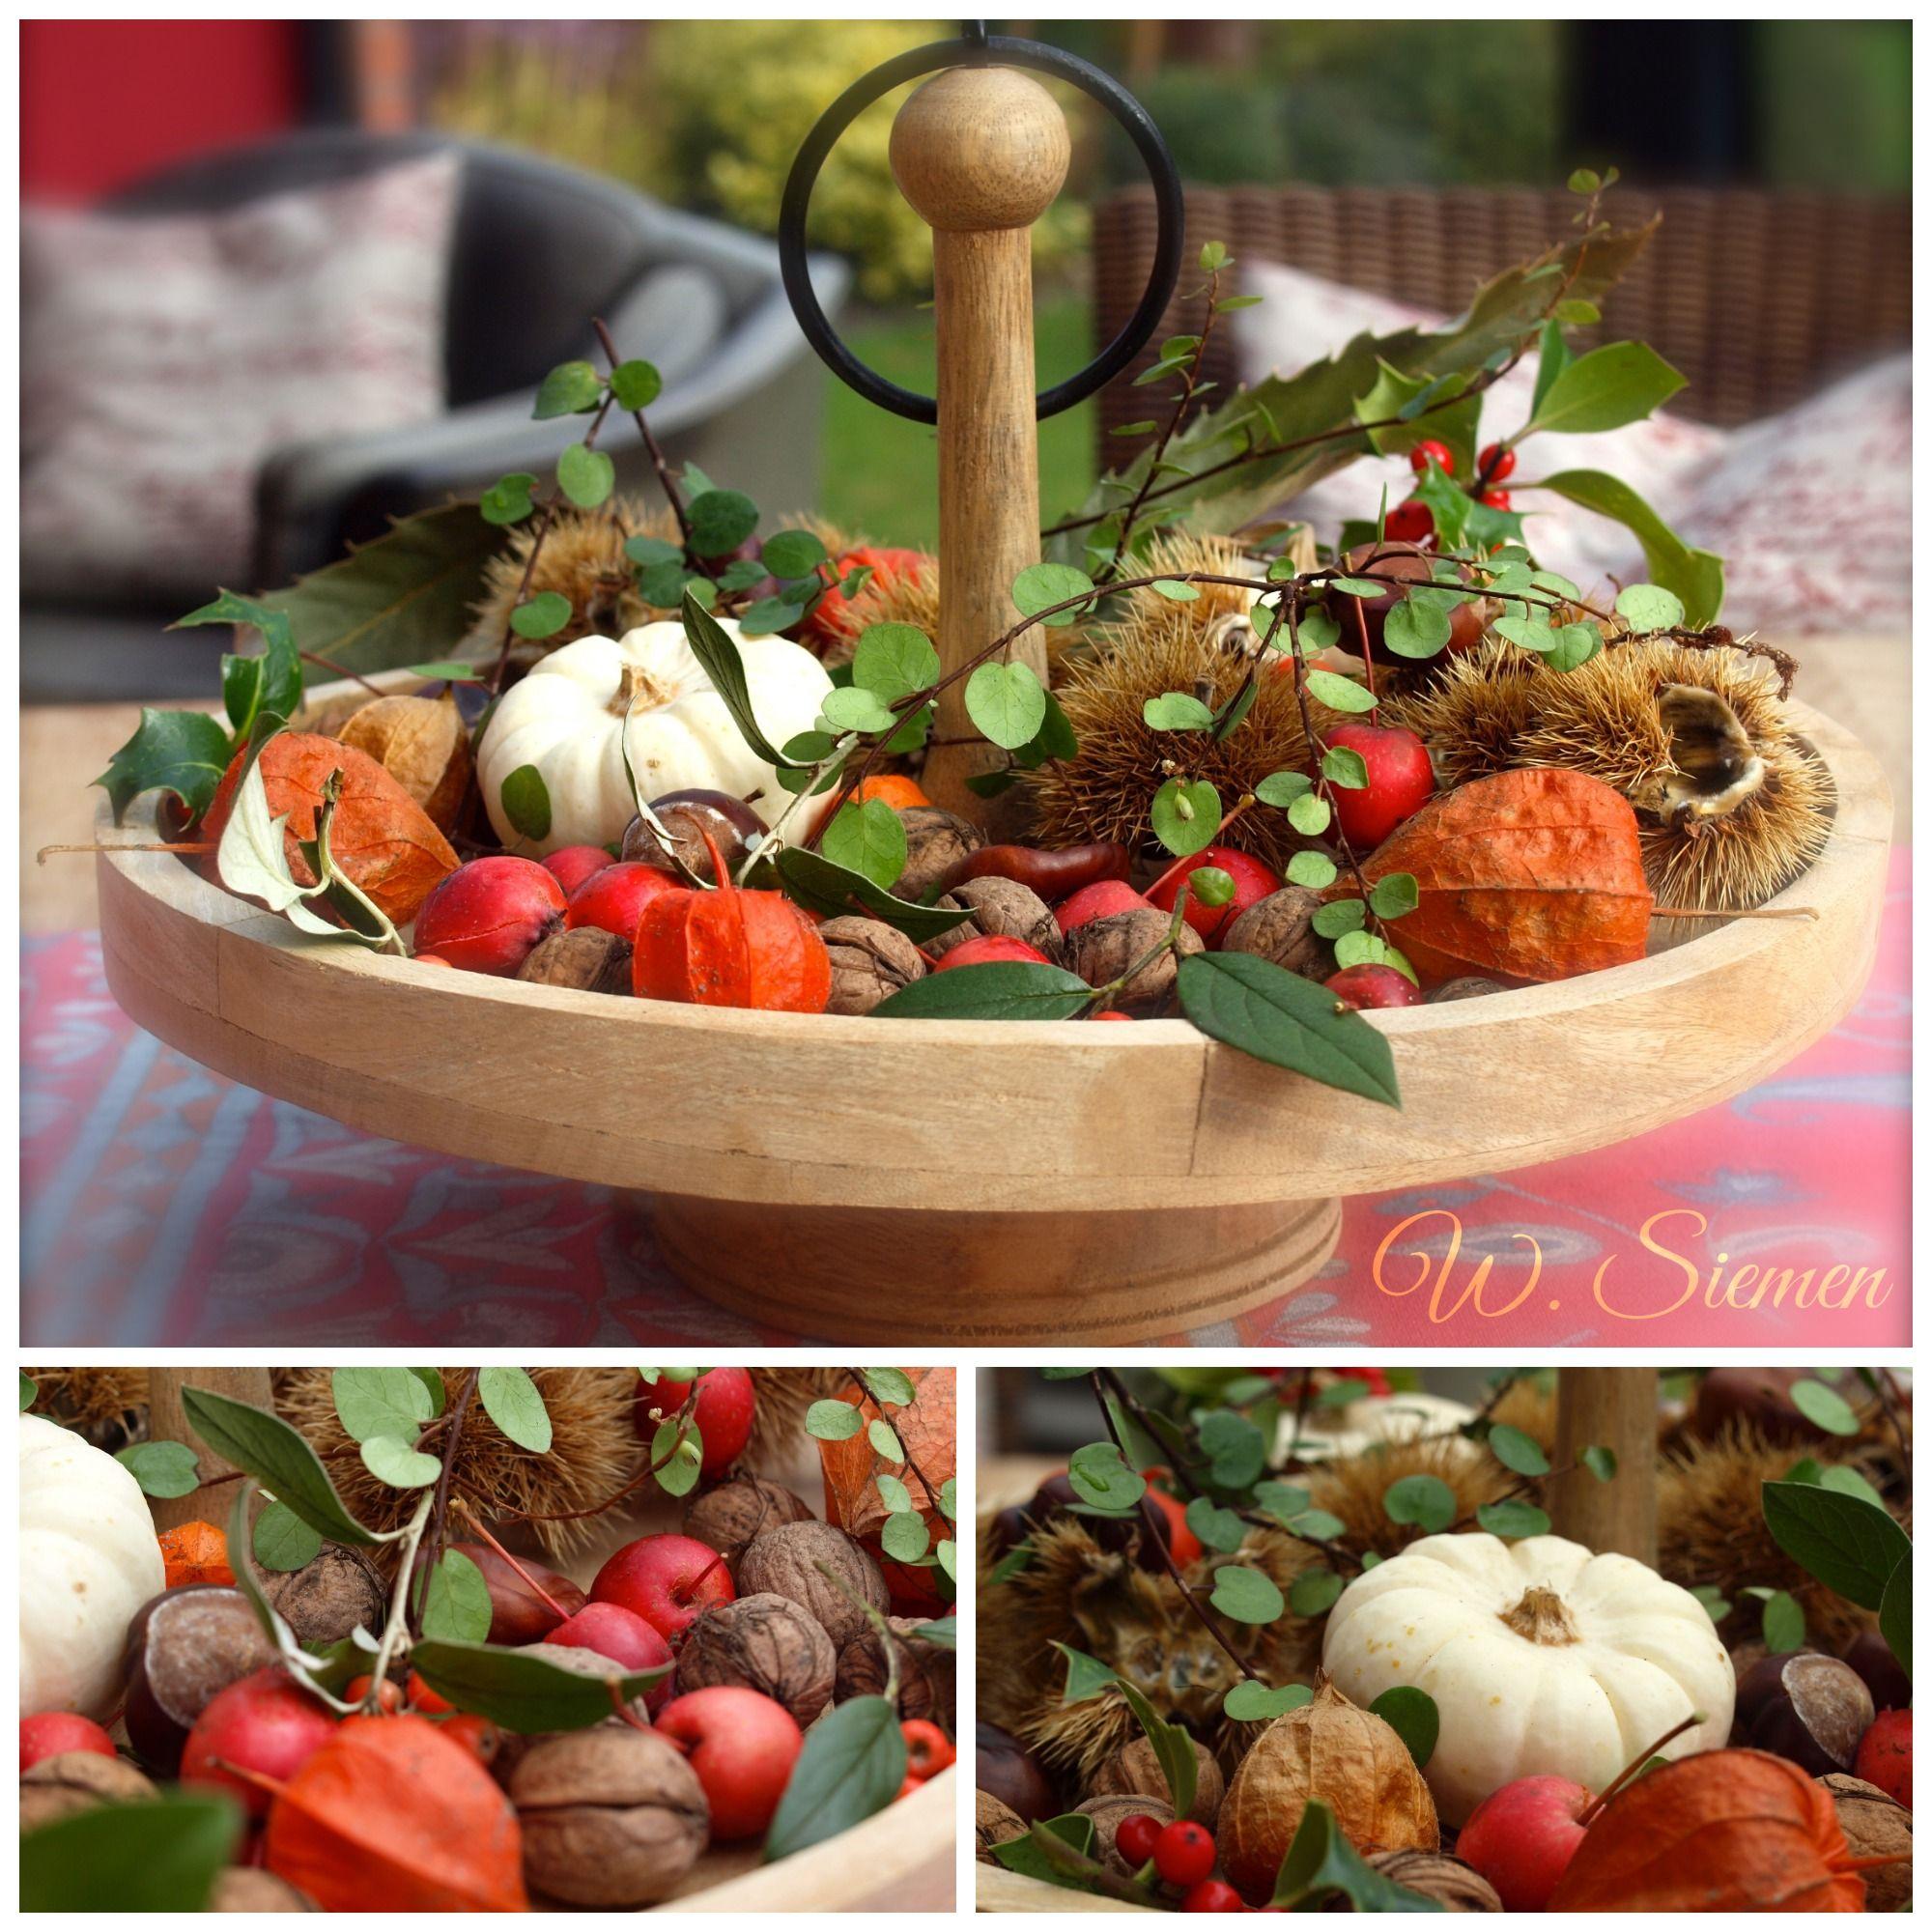 Wohnen Und Garten Foto: Http://foto.wohnen-und-garten.de/Herbstdeko--foto-user